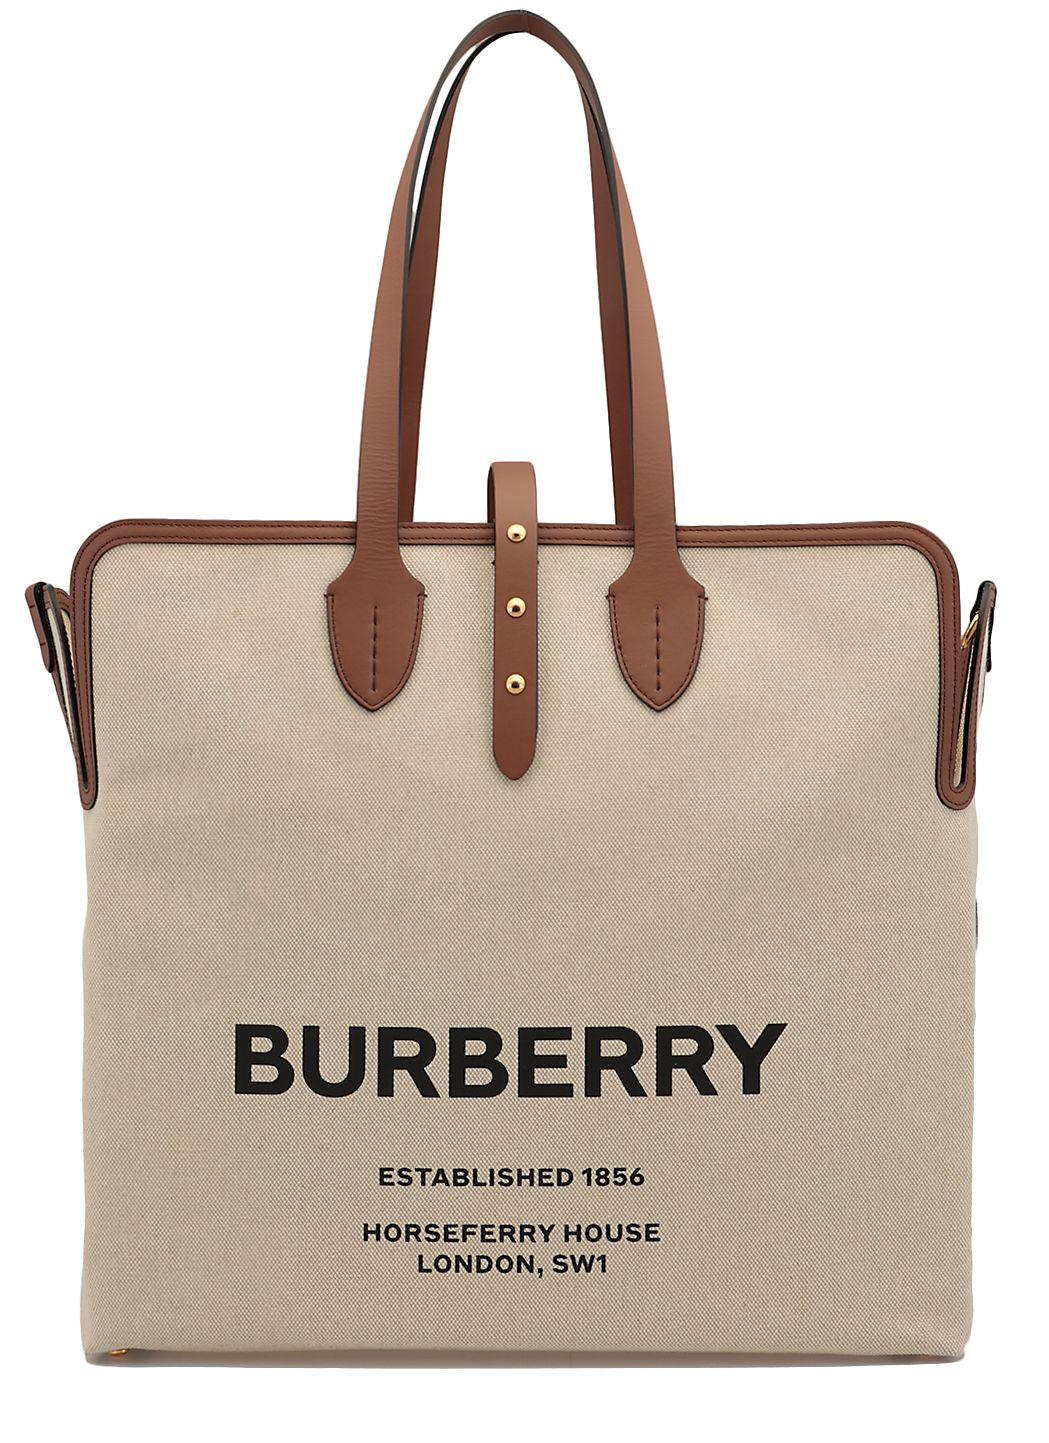 The Belt large bag